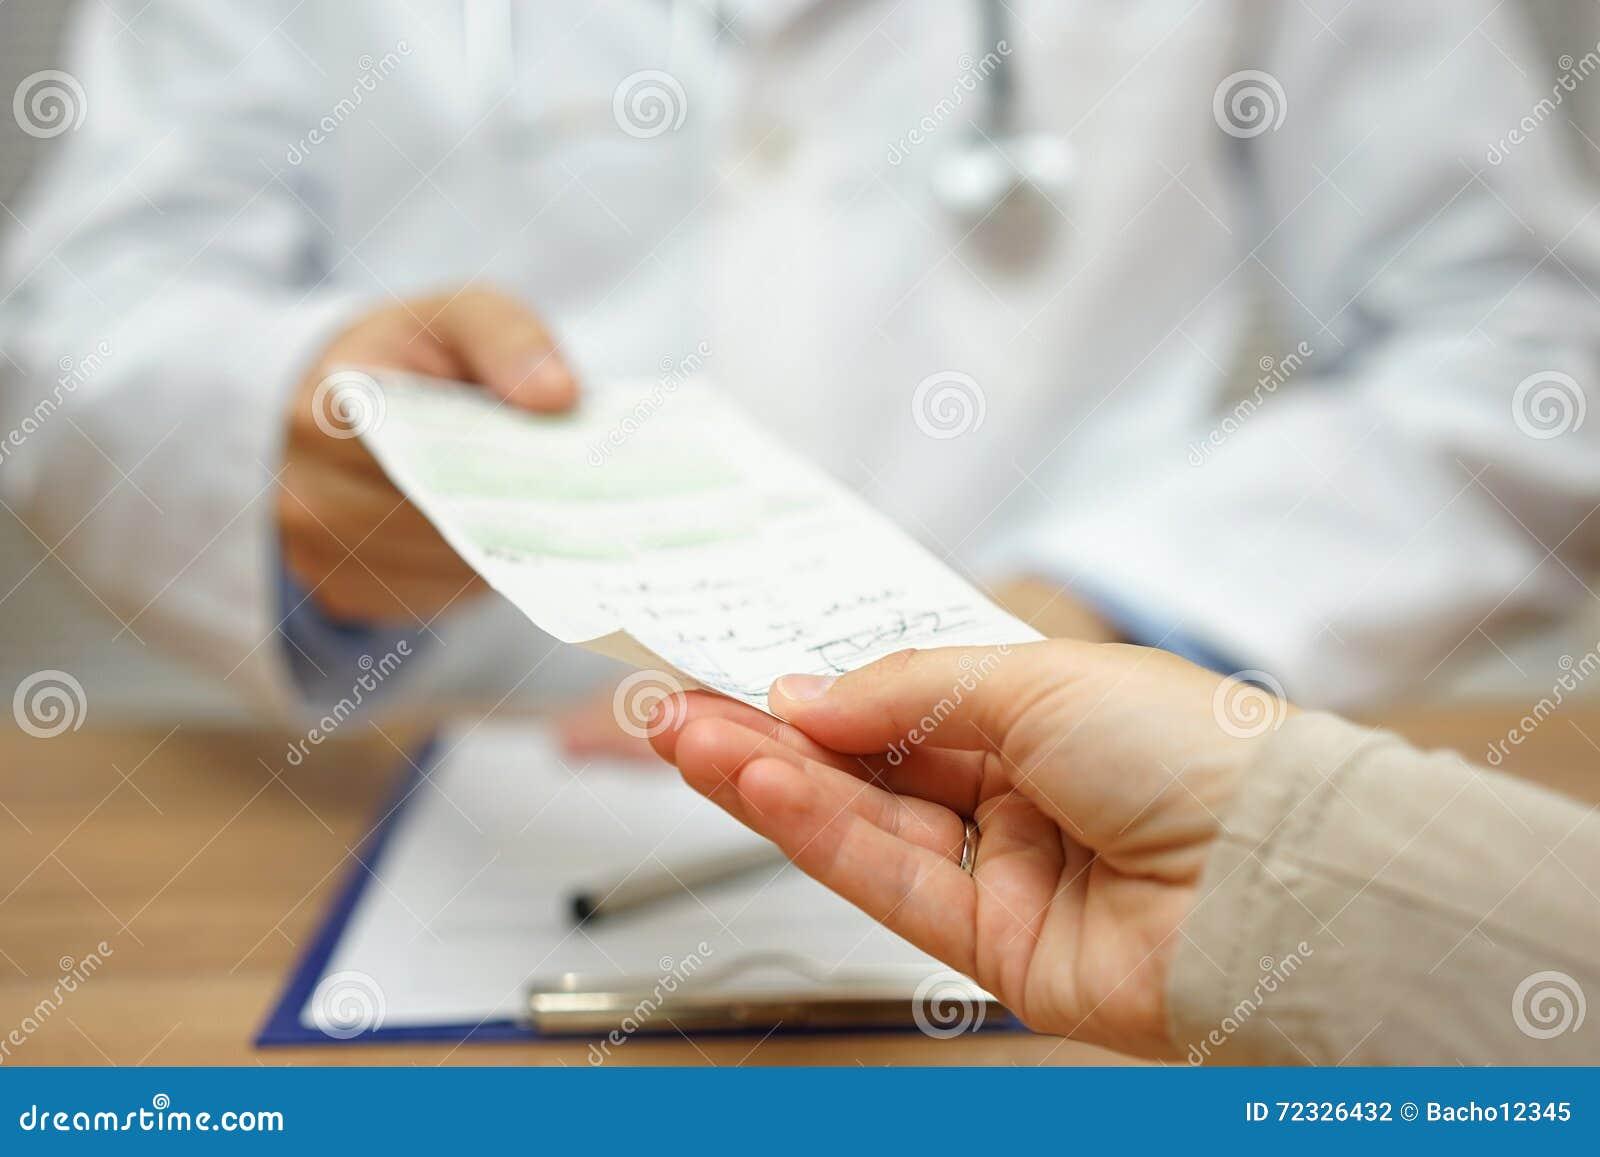 医生给一张处方一名女性患者